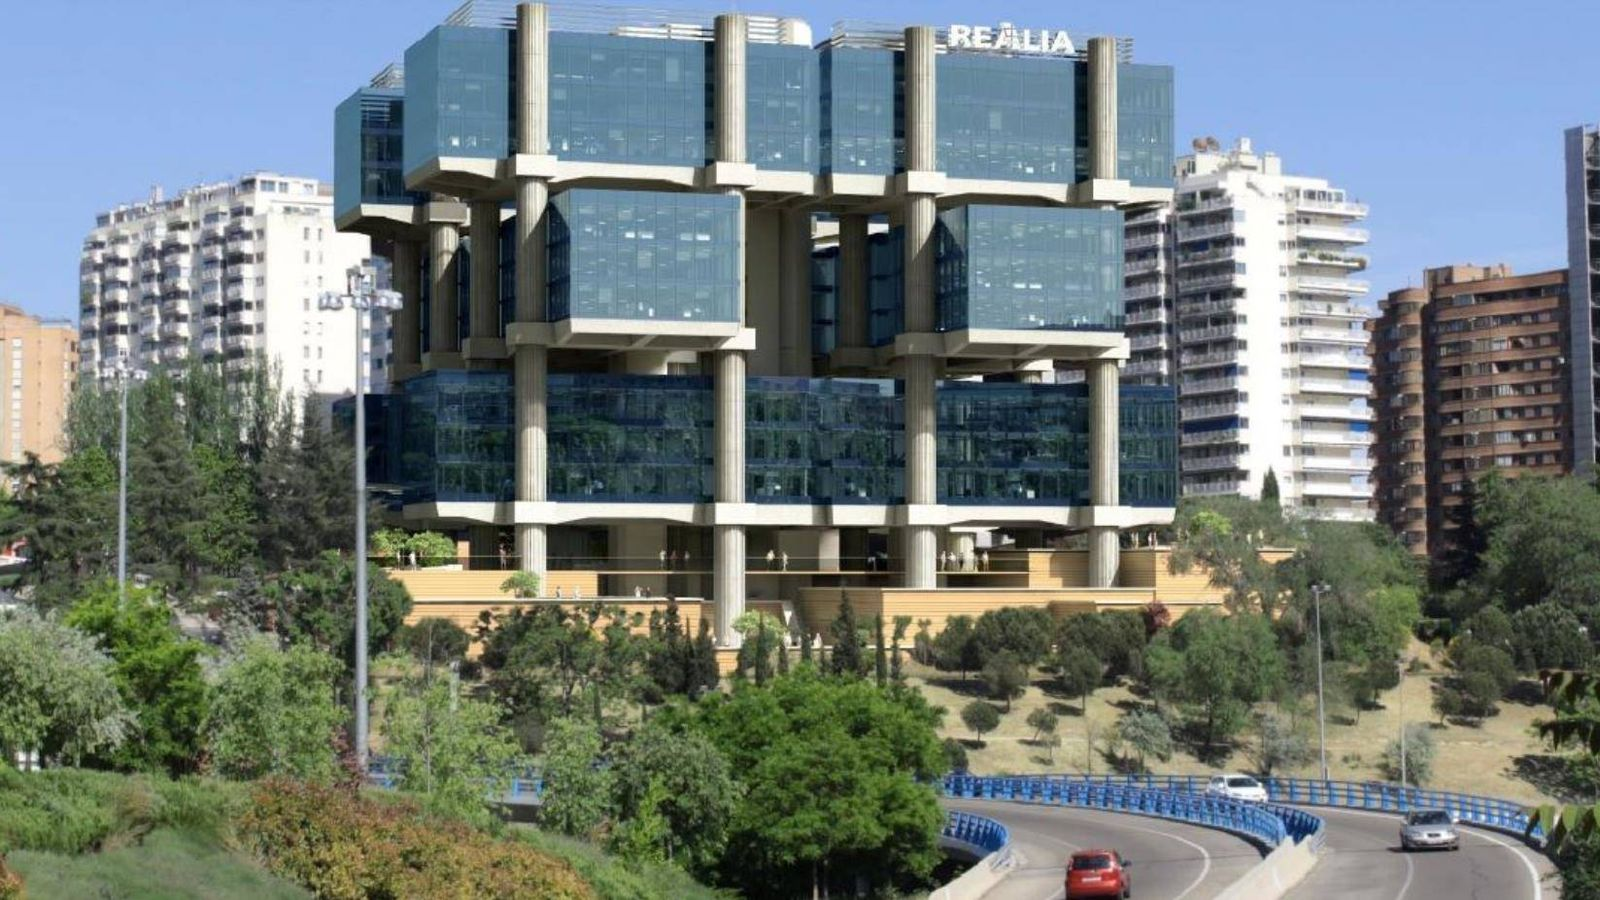 Foto: El Edificio de los Cubos en Madrid, uno de los últimos vendidos en la nueva ola inversora en el ladrillo.